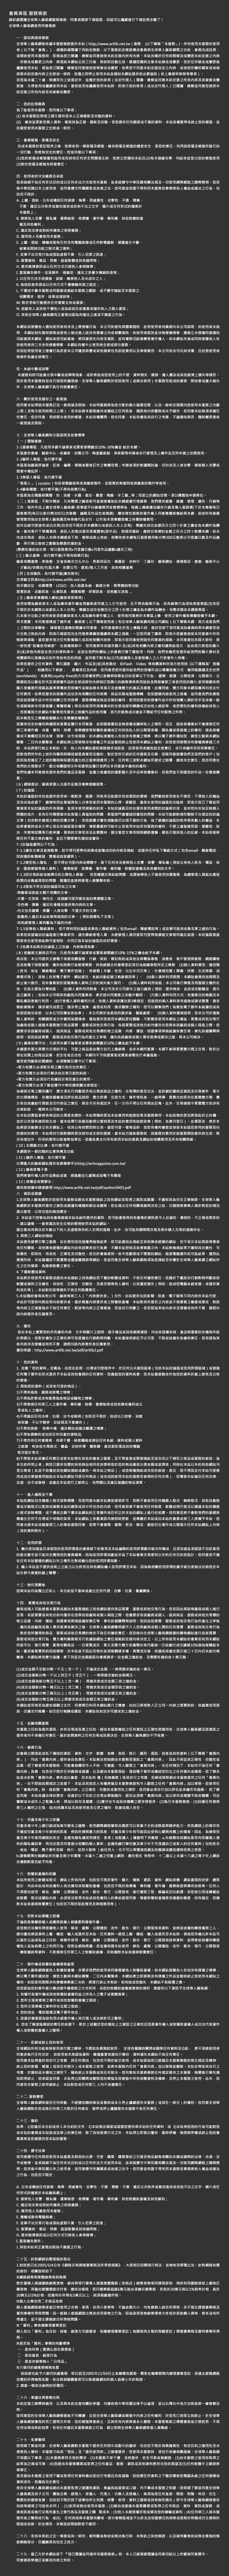 全球華人藝術網-免責聲明